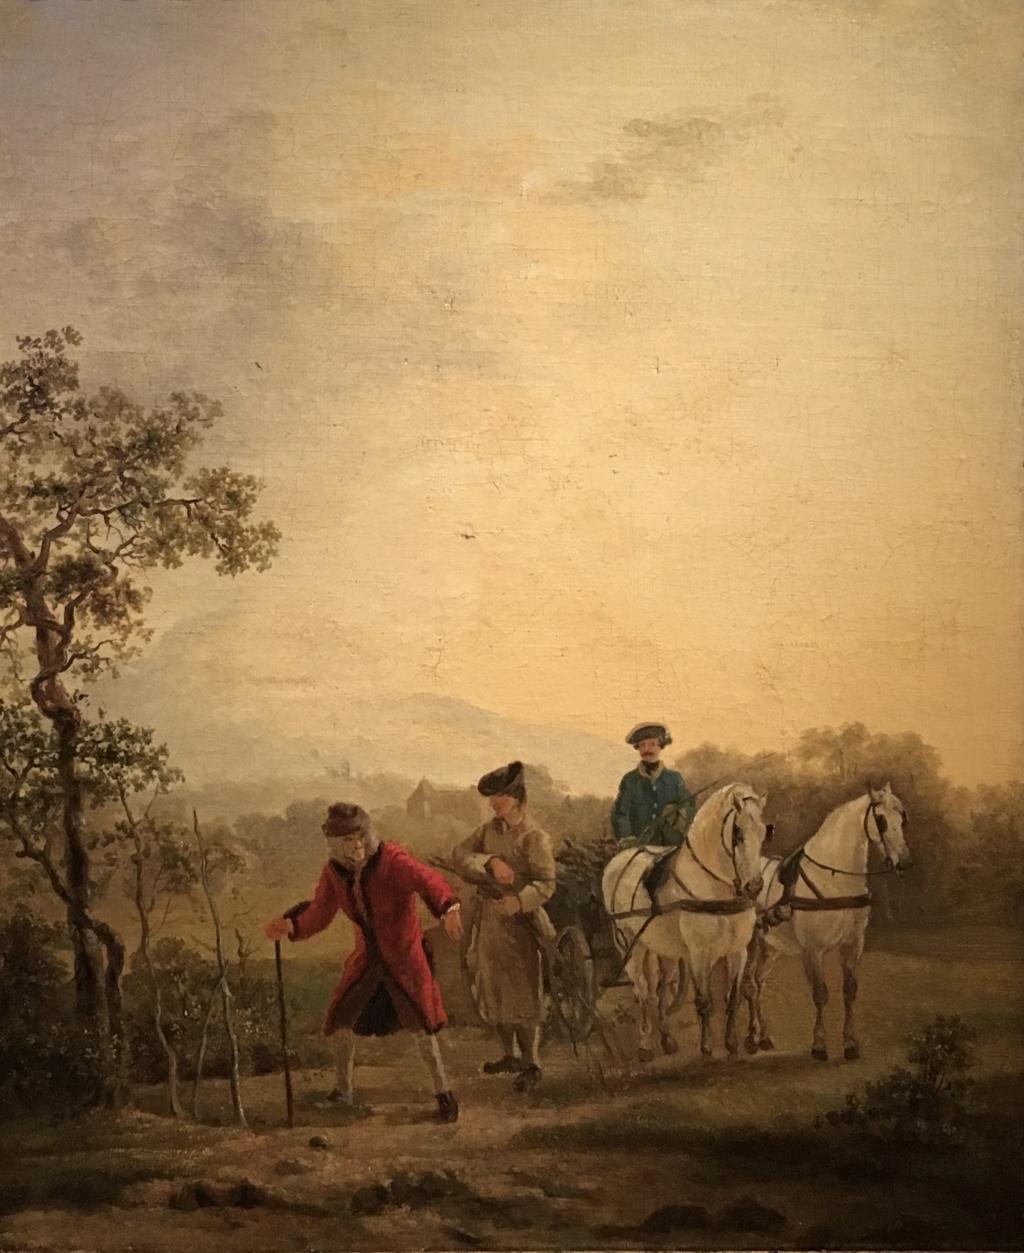 Le Siècle de Louis XIV, Voltaire historien de la modernité 5035e910